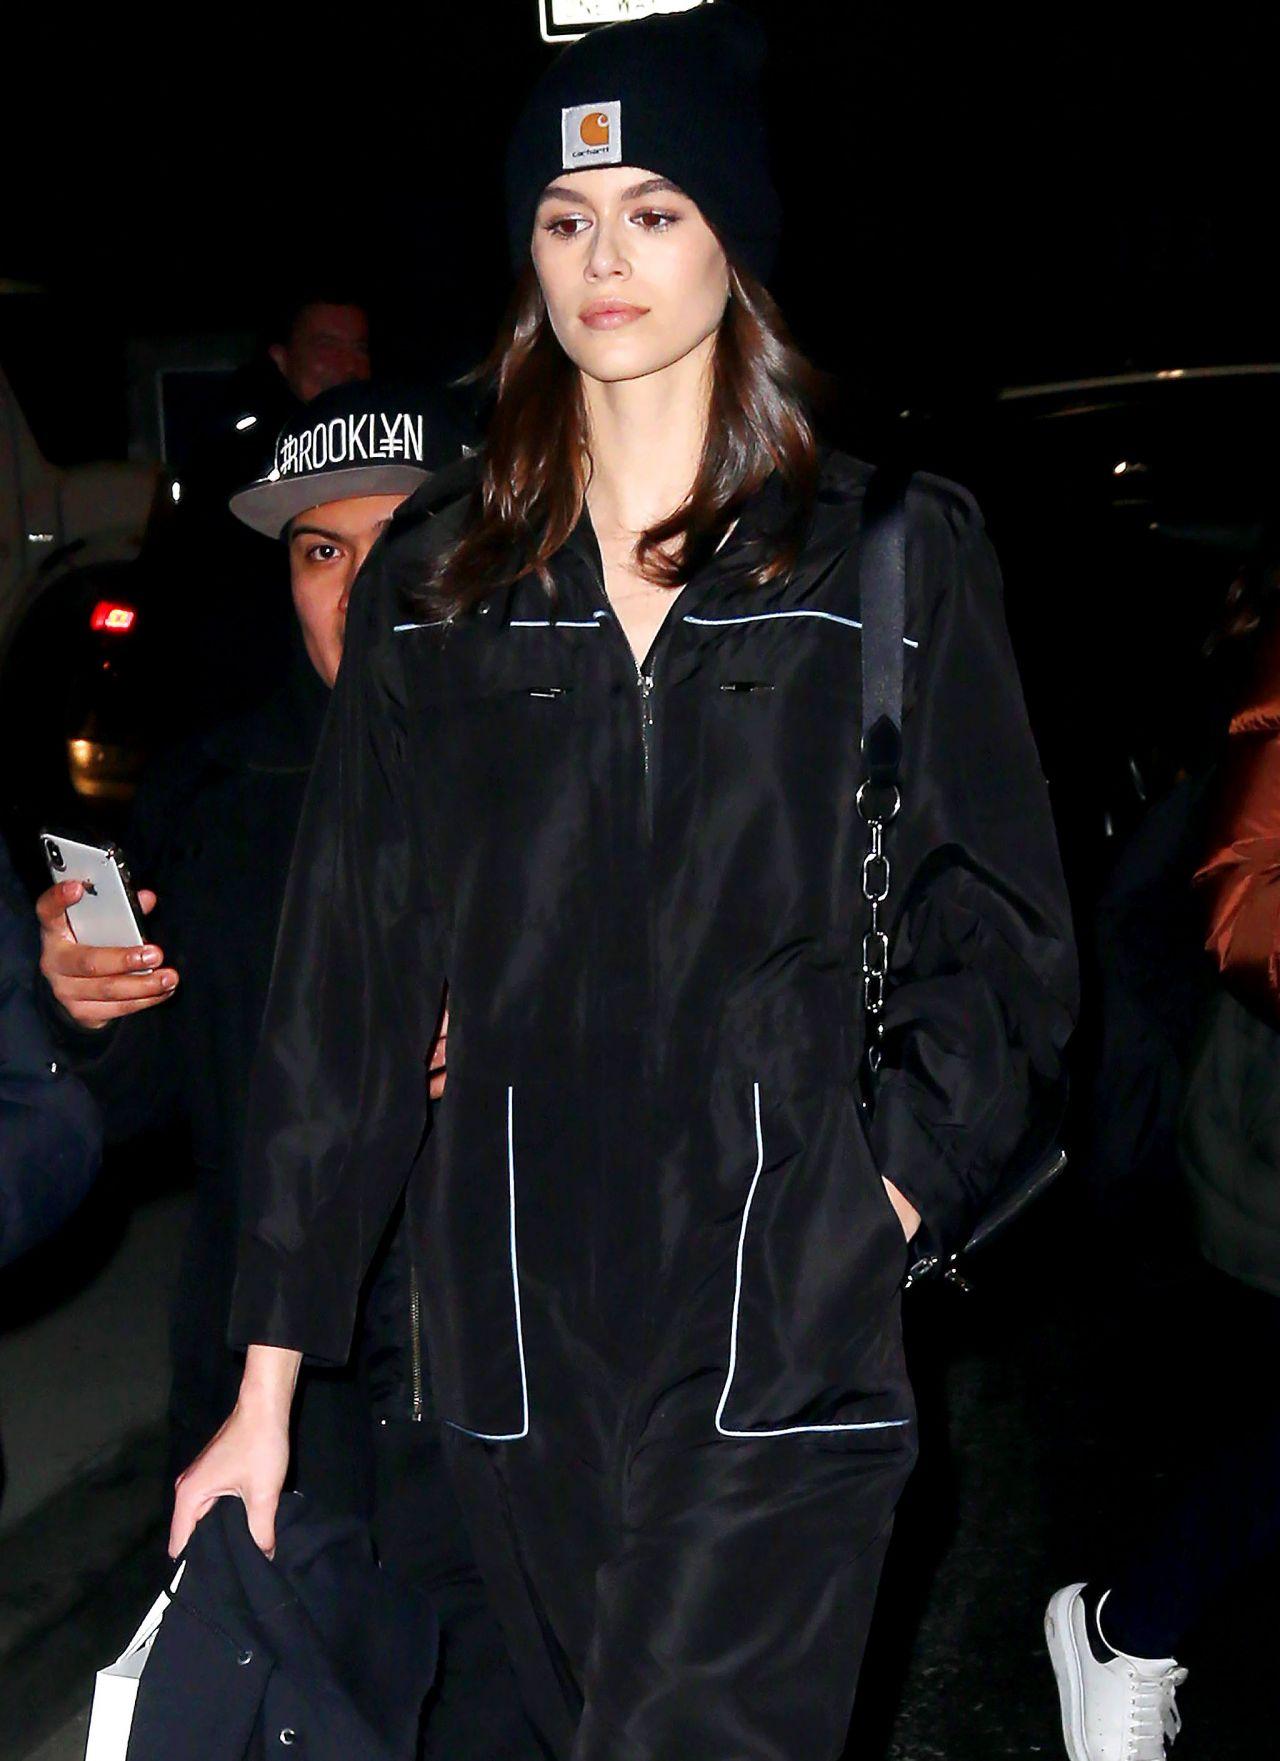 26bd980a39c7 Kaia Gerber Leaving Calvin Klein Show in NYC 02 13 2018